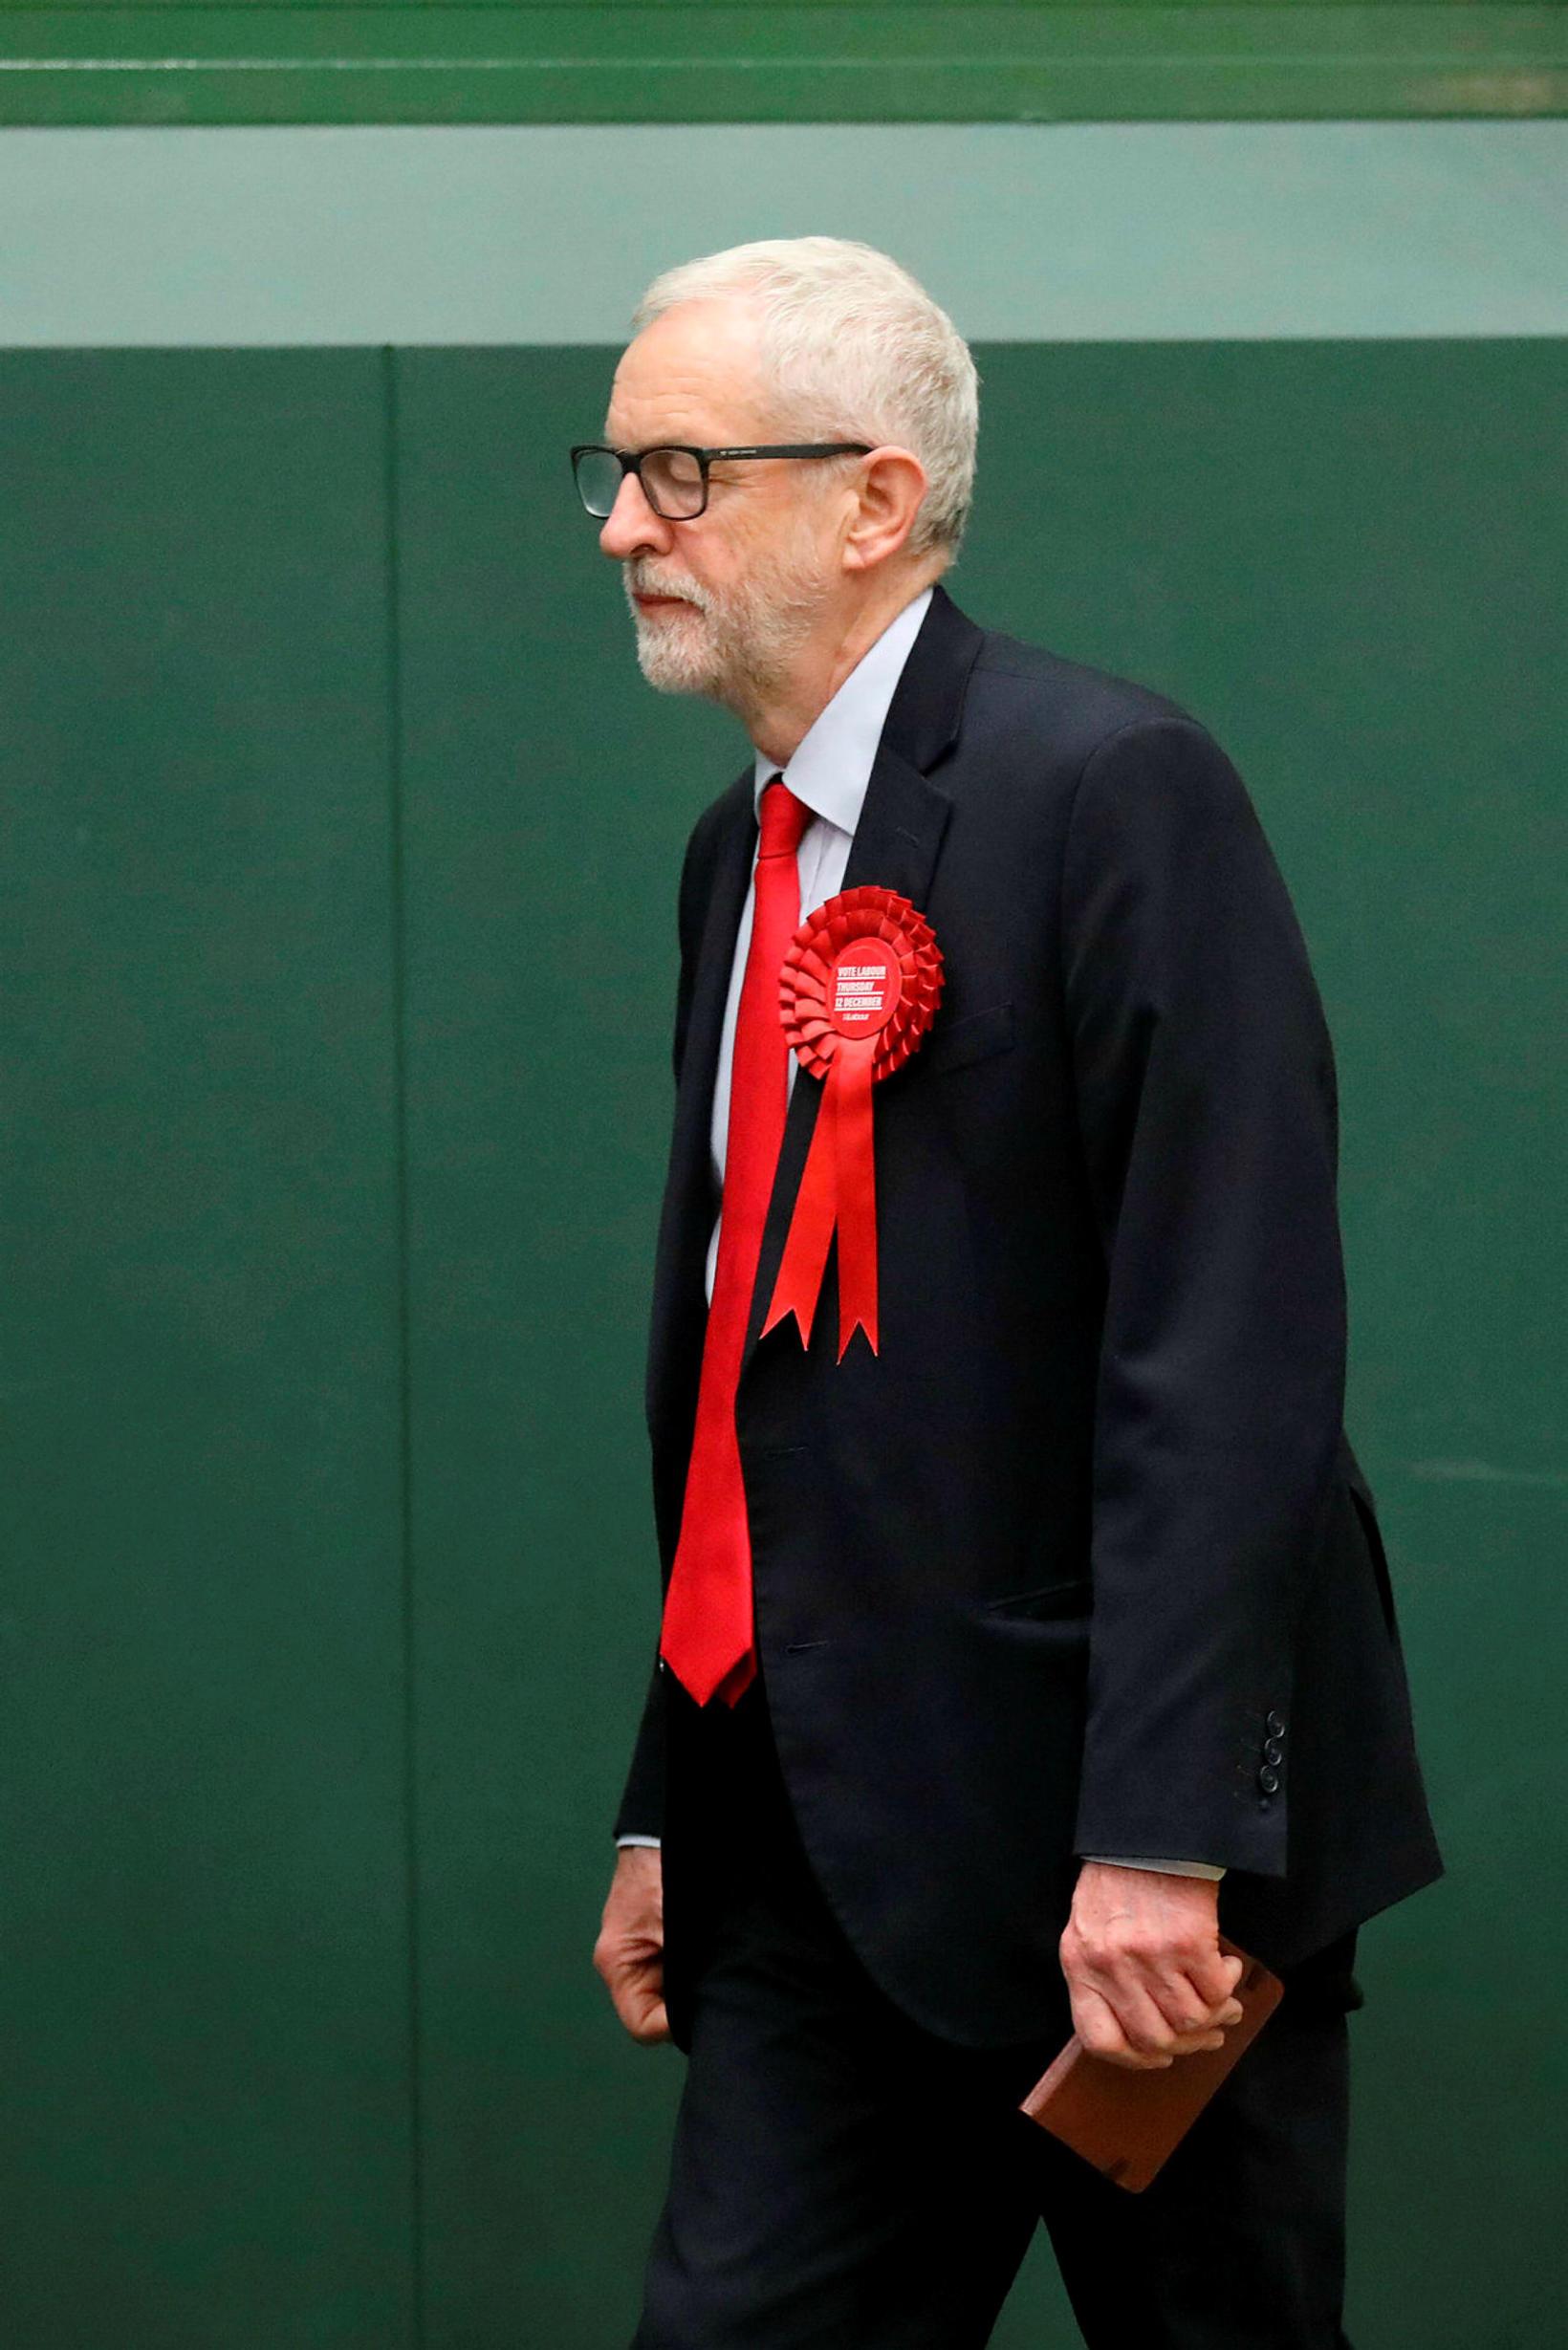 En formaður Verkamannaflokksins, Jeremy Corbyn, hefur enga ástæðu til að …